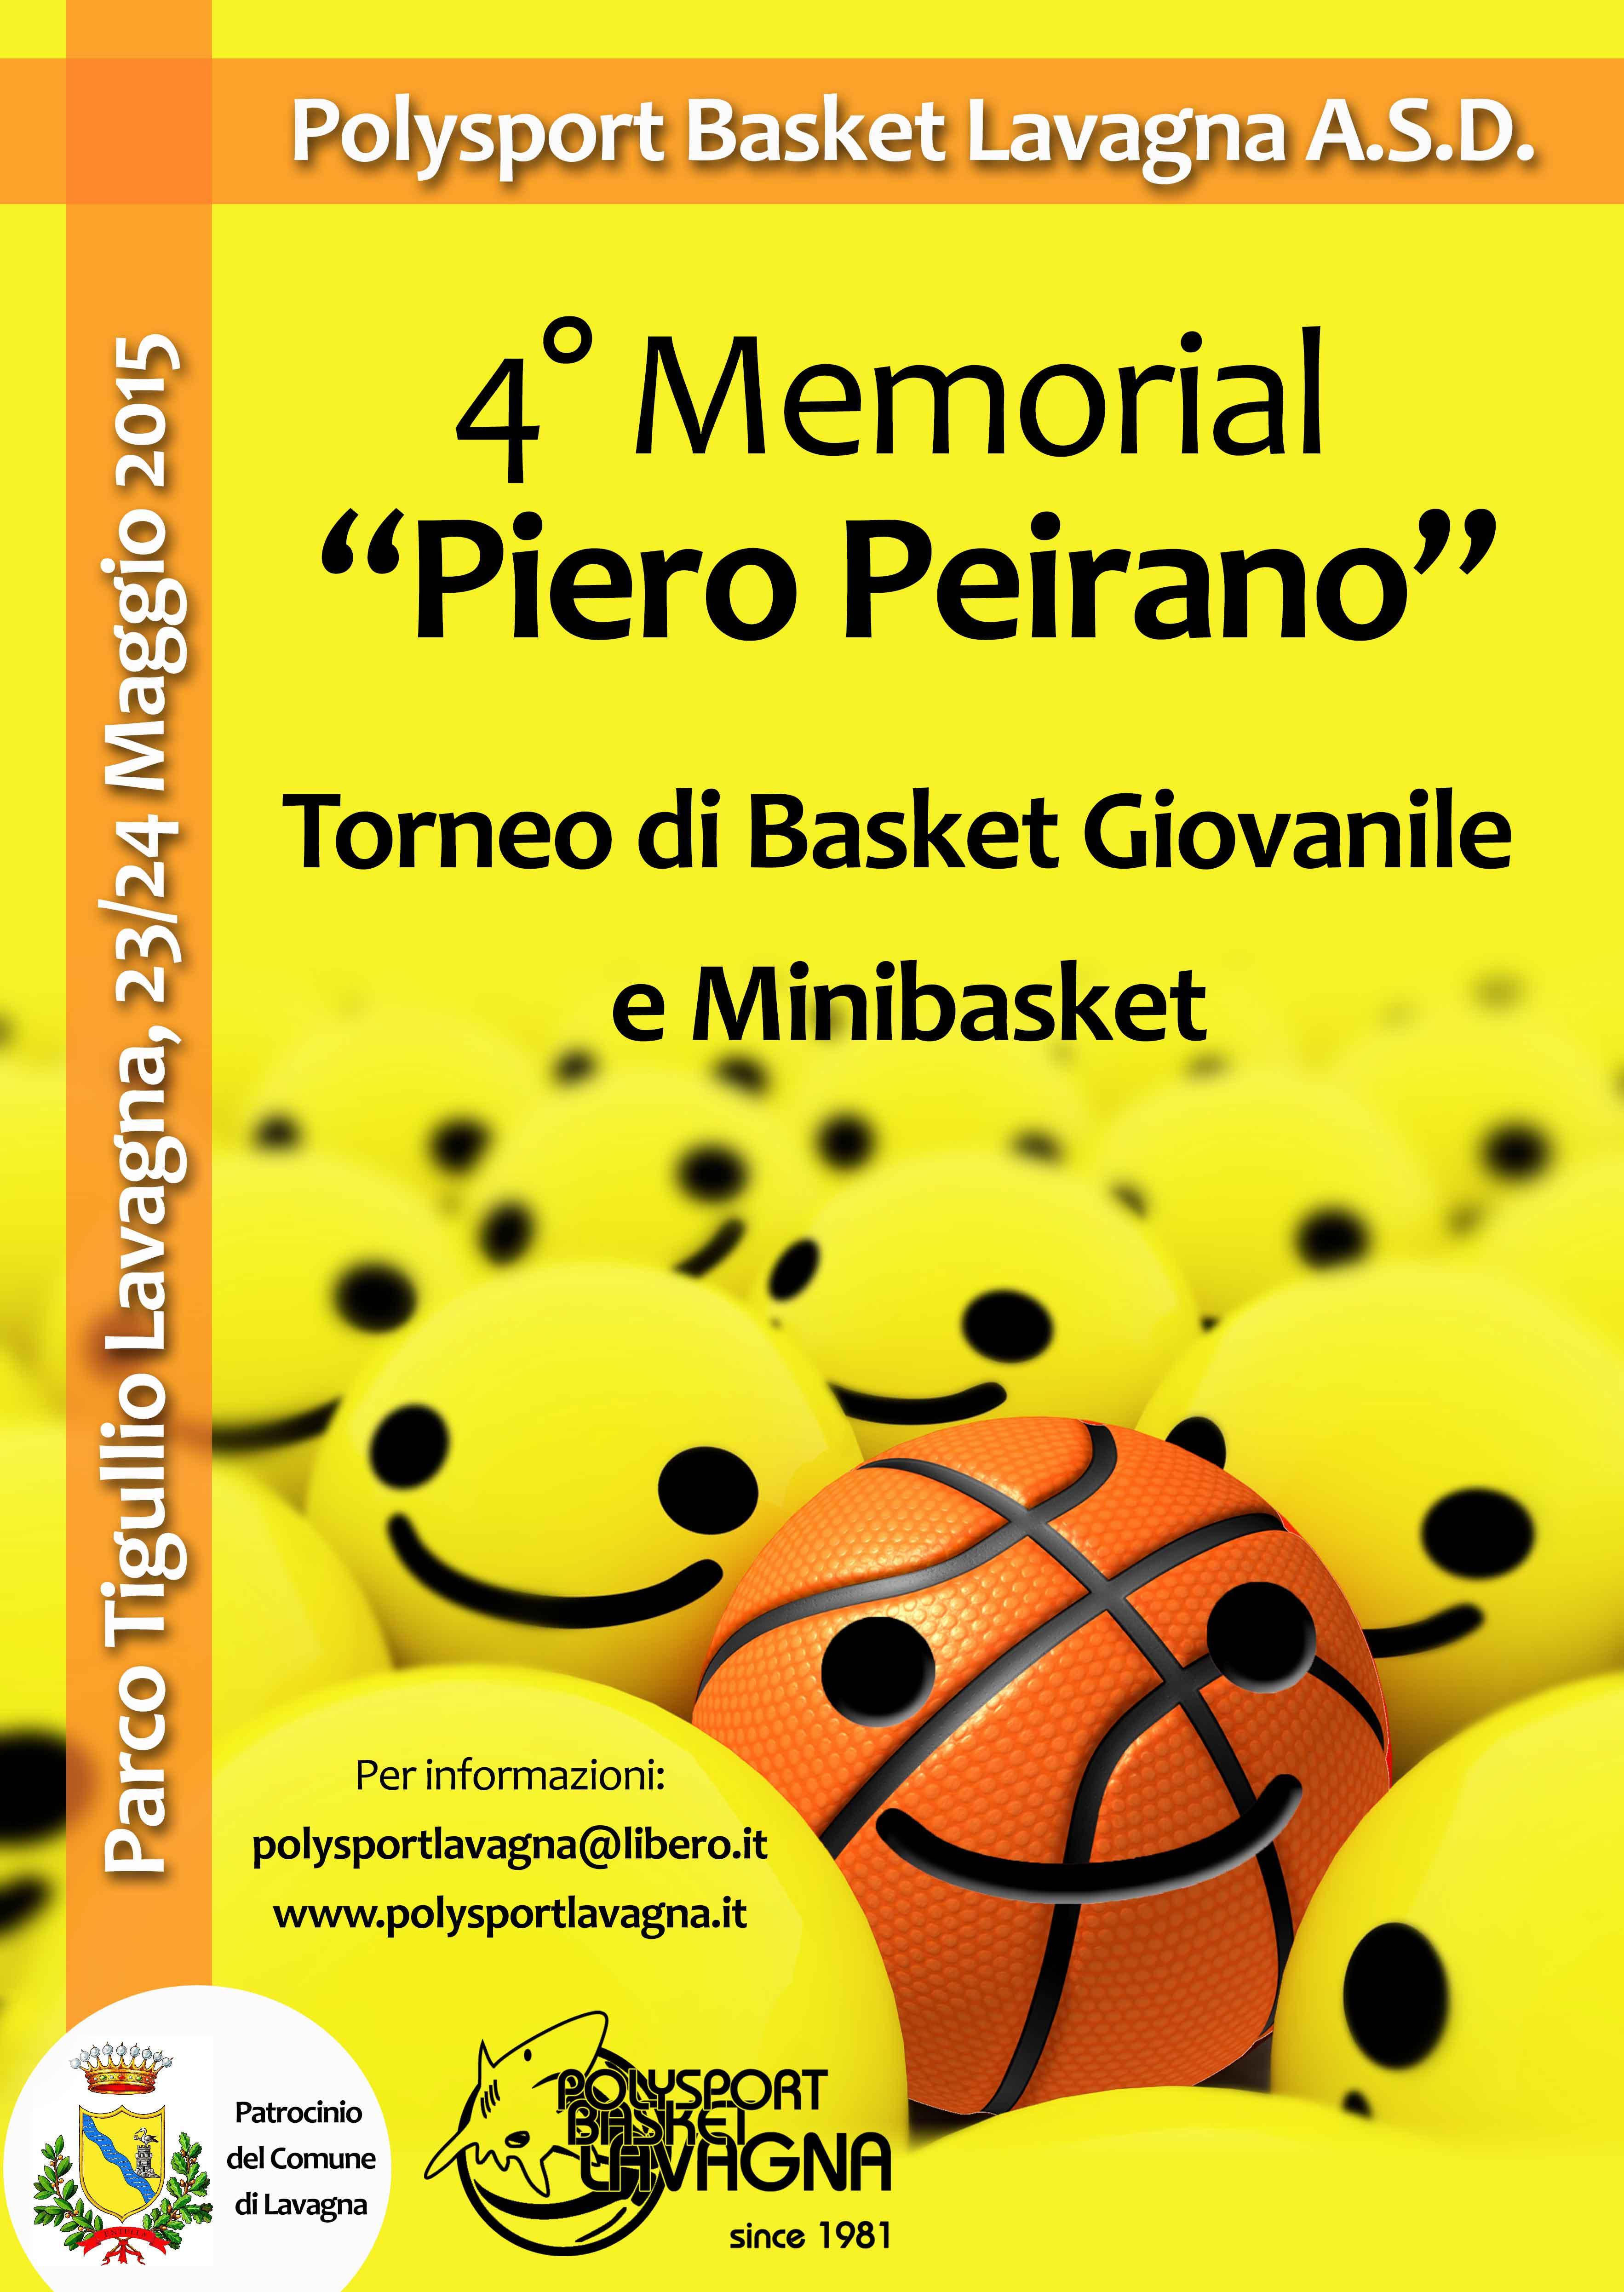 4 MEMORIAL PEIRANO